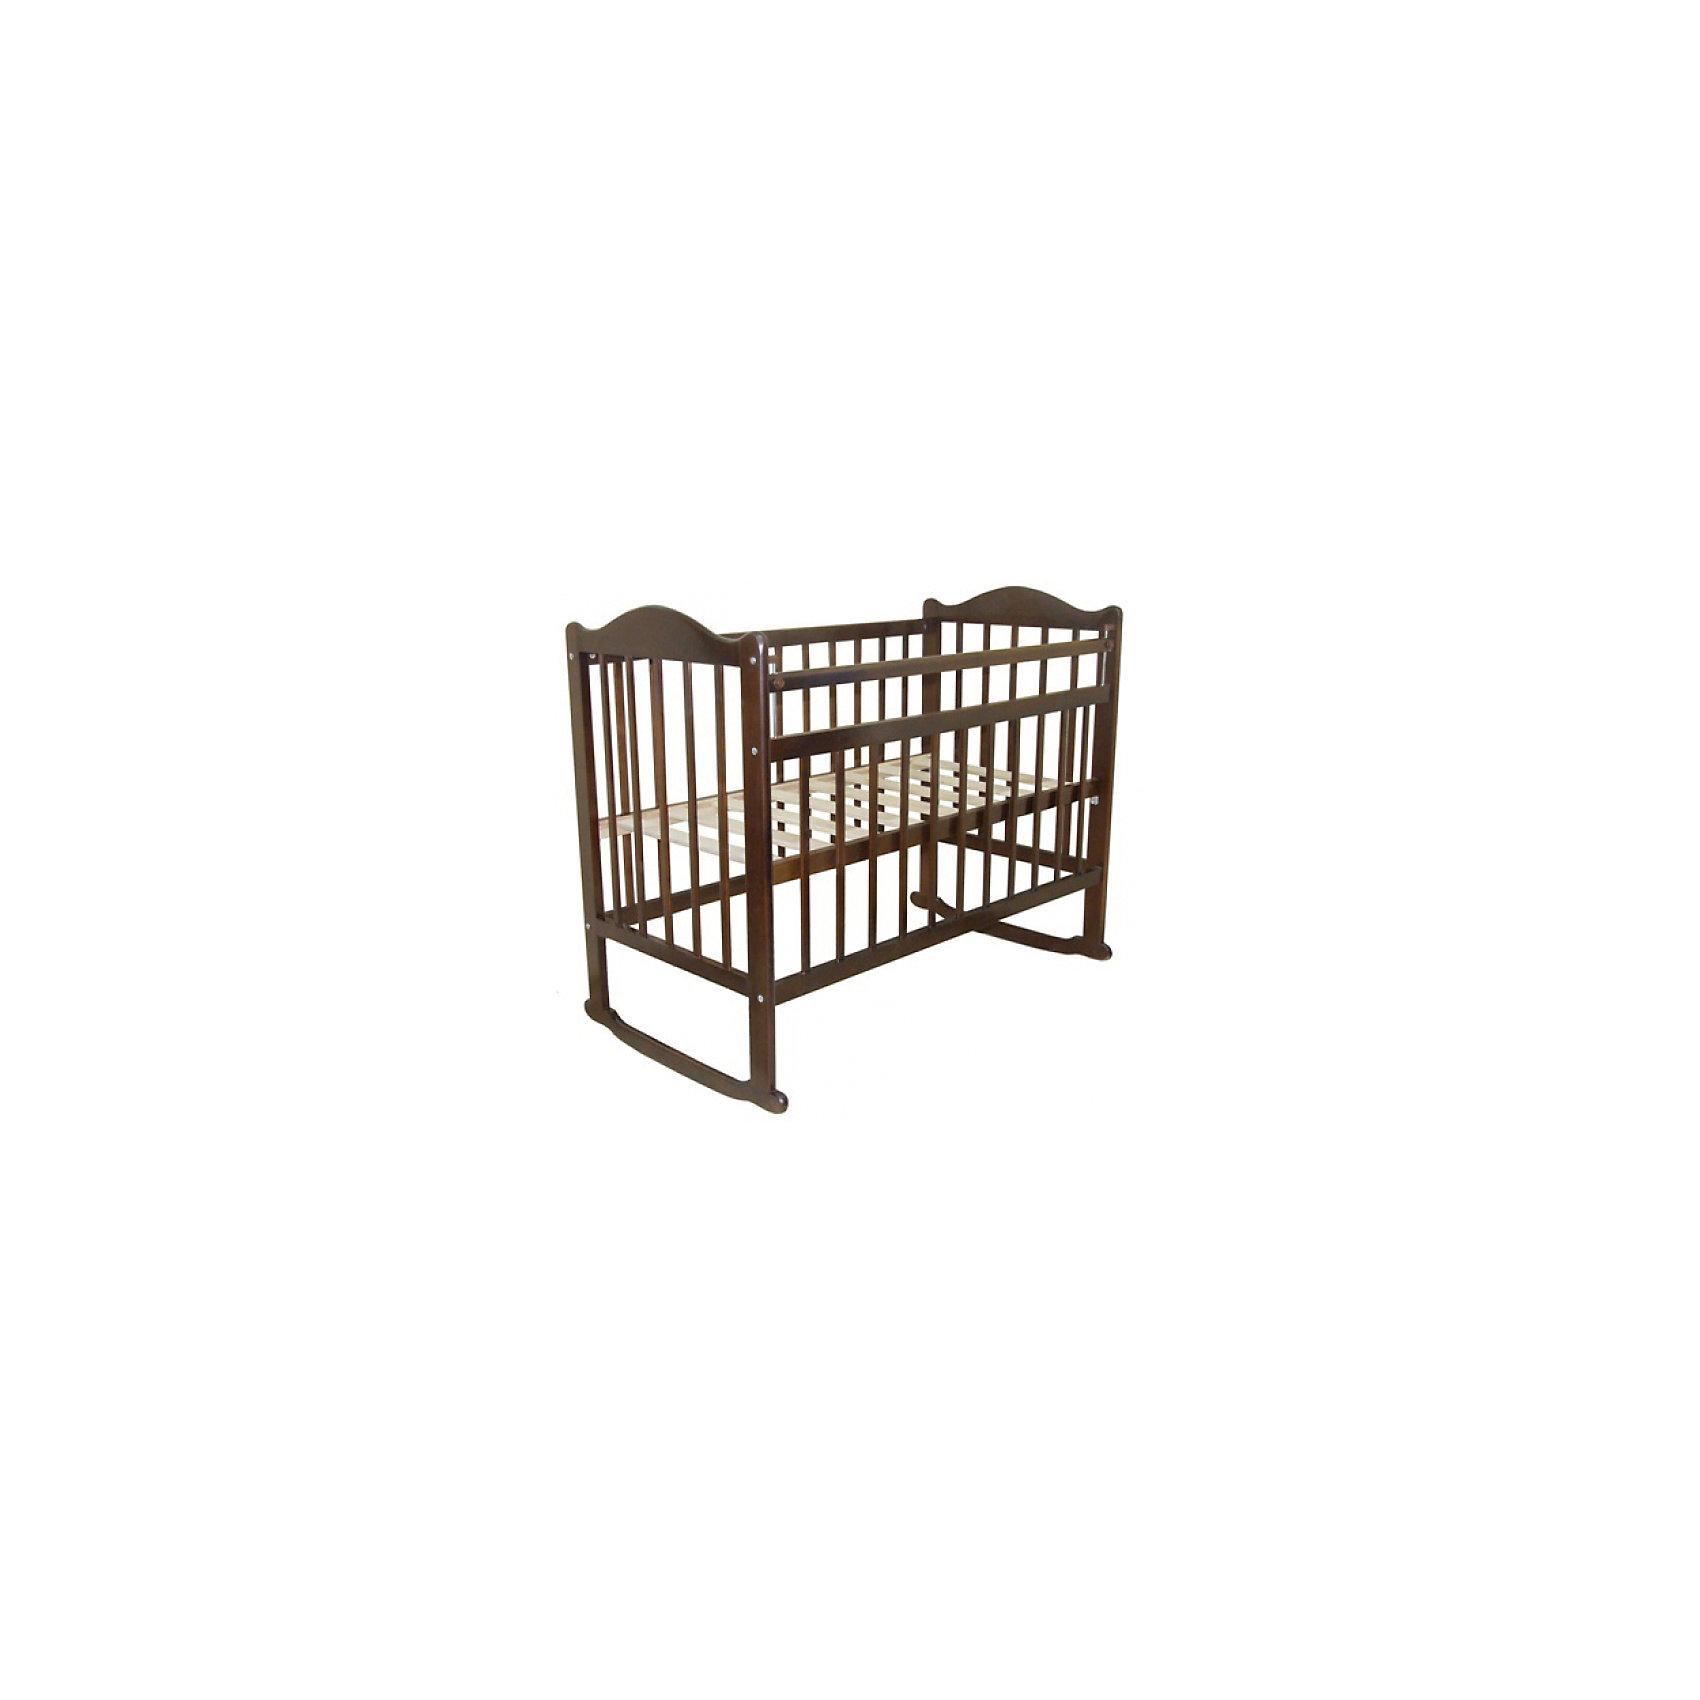 Кроватка 1, Briciola, орехКроватки<br>Удобная и простая детская кроватка Briciola-1 качалка сделана из высококачественных и экологичных материалов, в ней применены самые современные и прогрессивные технологии. Изделие обладает высоким качеством комфорта не только для детей, но и также для родителей.<br><br>Ширина мм: 1240<br>Глубина мм: 800<br>Высота мм: 170<br>Вес г: 18200<br>Возраст от месяцев: 0<br>Возраст до месяцев: 36<br>Пол: Унисекс<br>Возраст: Детский<br>SKU: 6856006